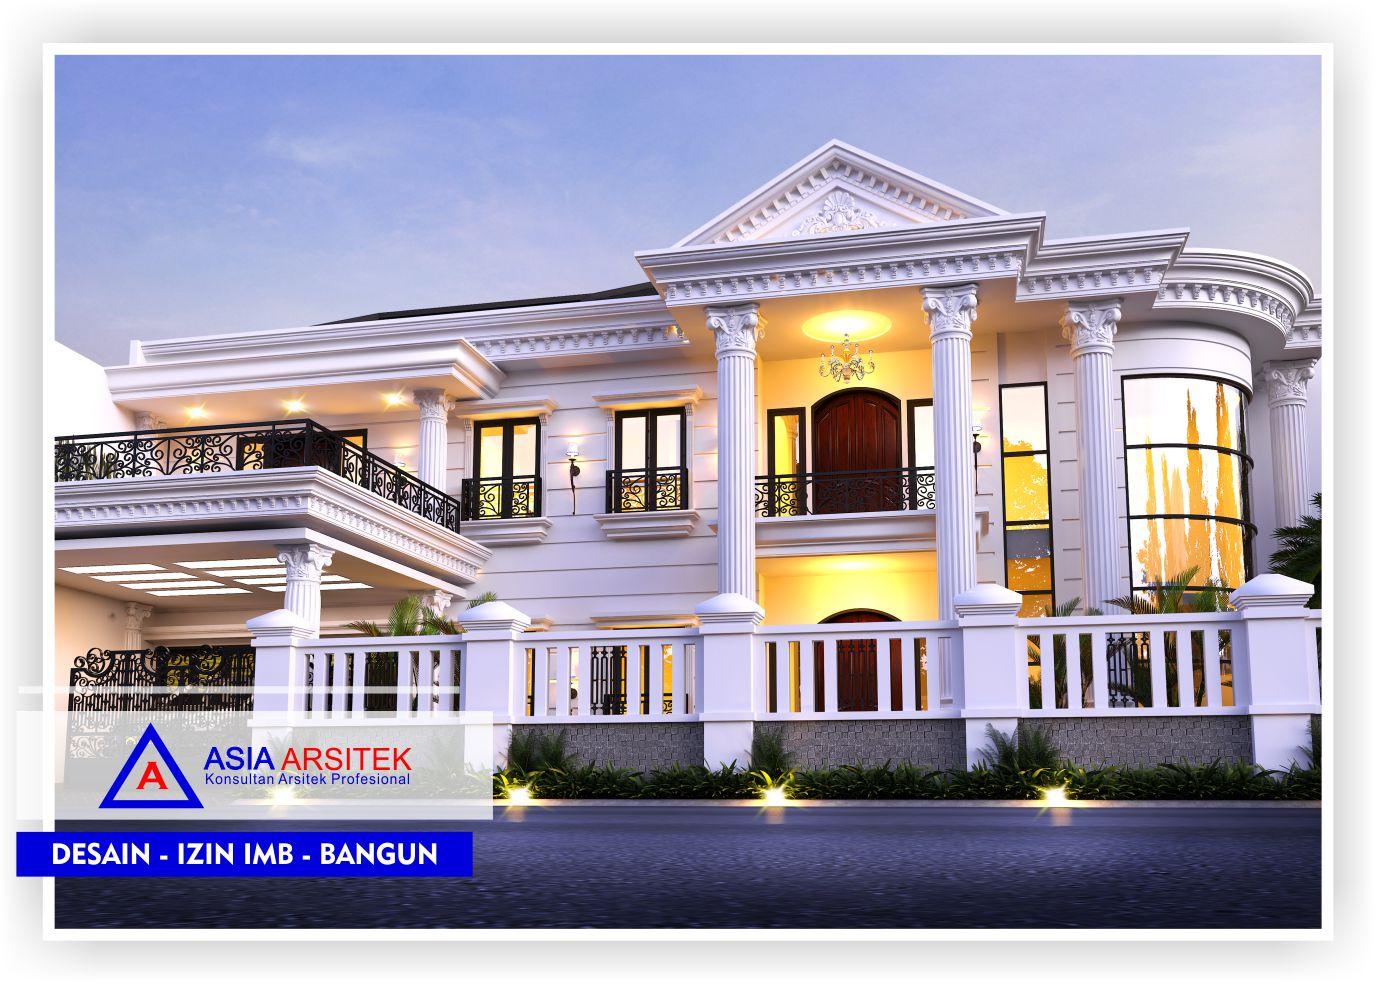 Model Rumah Klasik Eropa Desain Rumah Super Mewah 2 Lantai Cek Bahan Bangunan